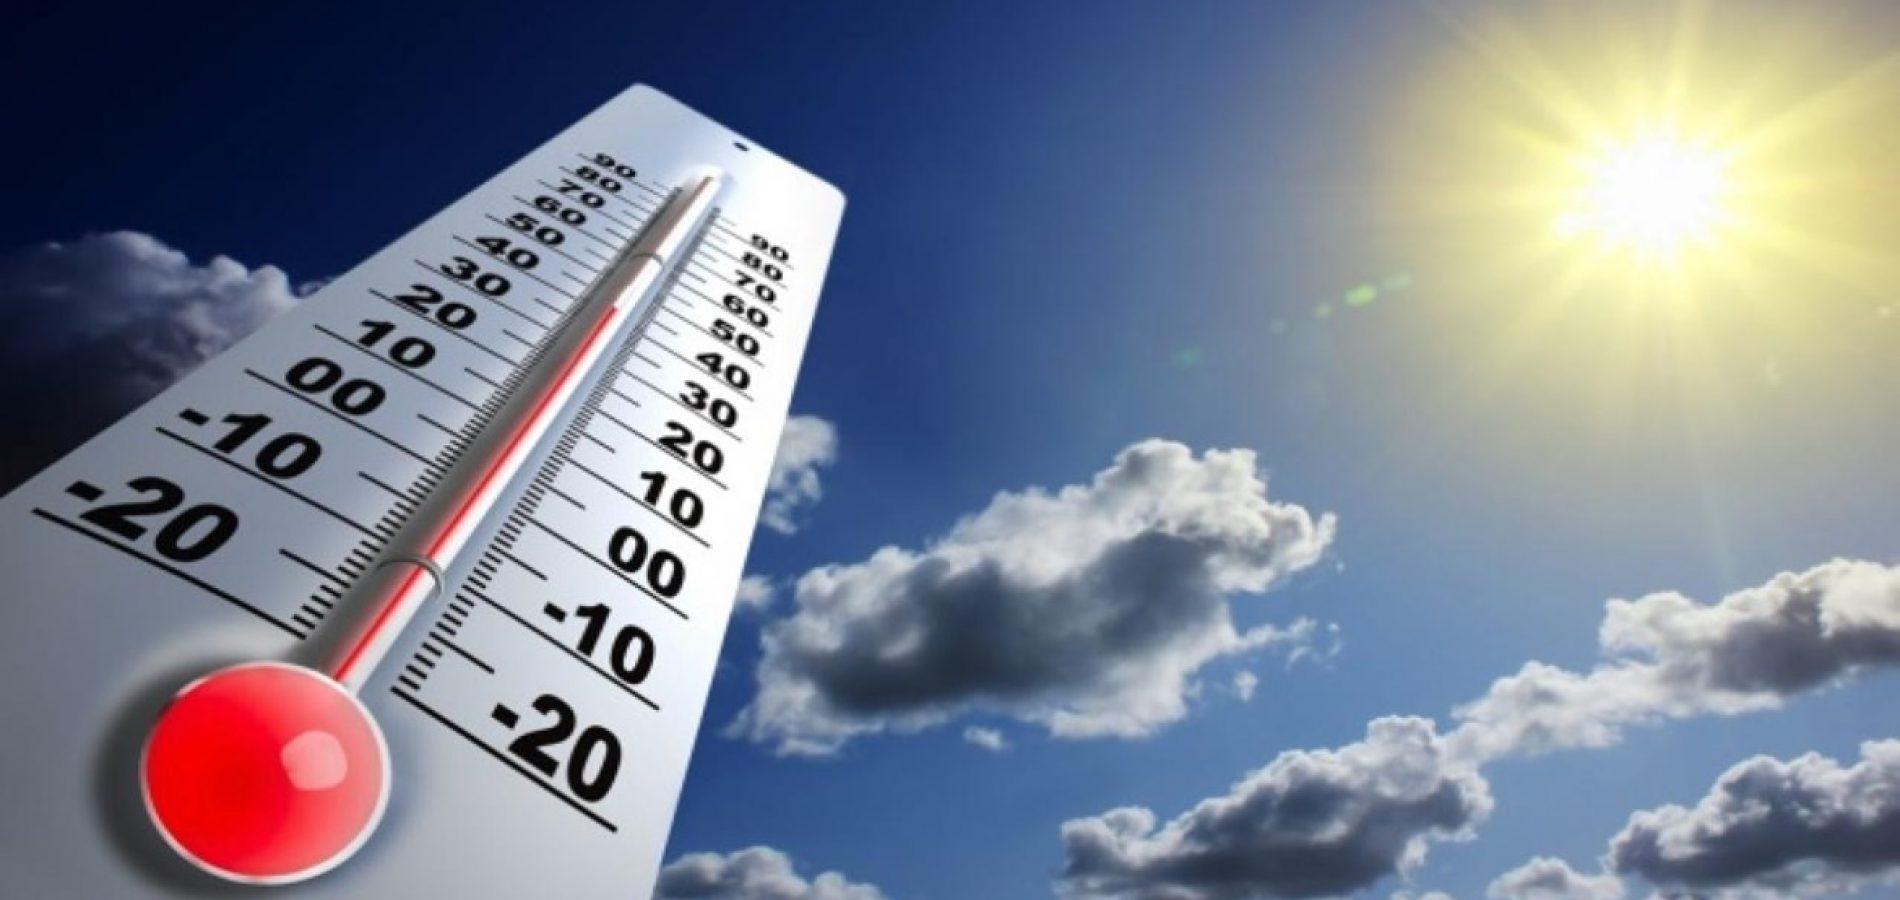 d3a5203a0 Piauí terá semana de baixa umidade e temperaturas de 41 ºCPiauí terá ...